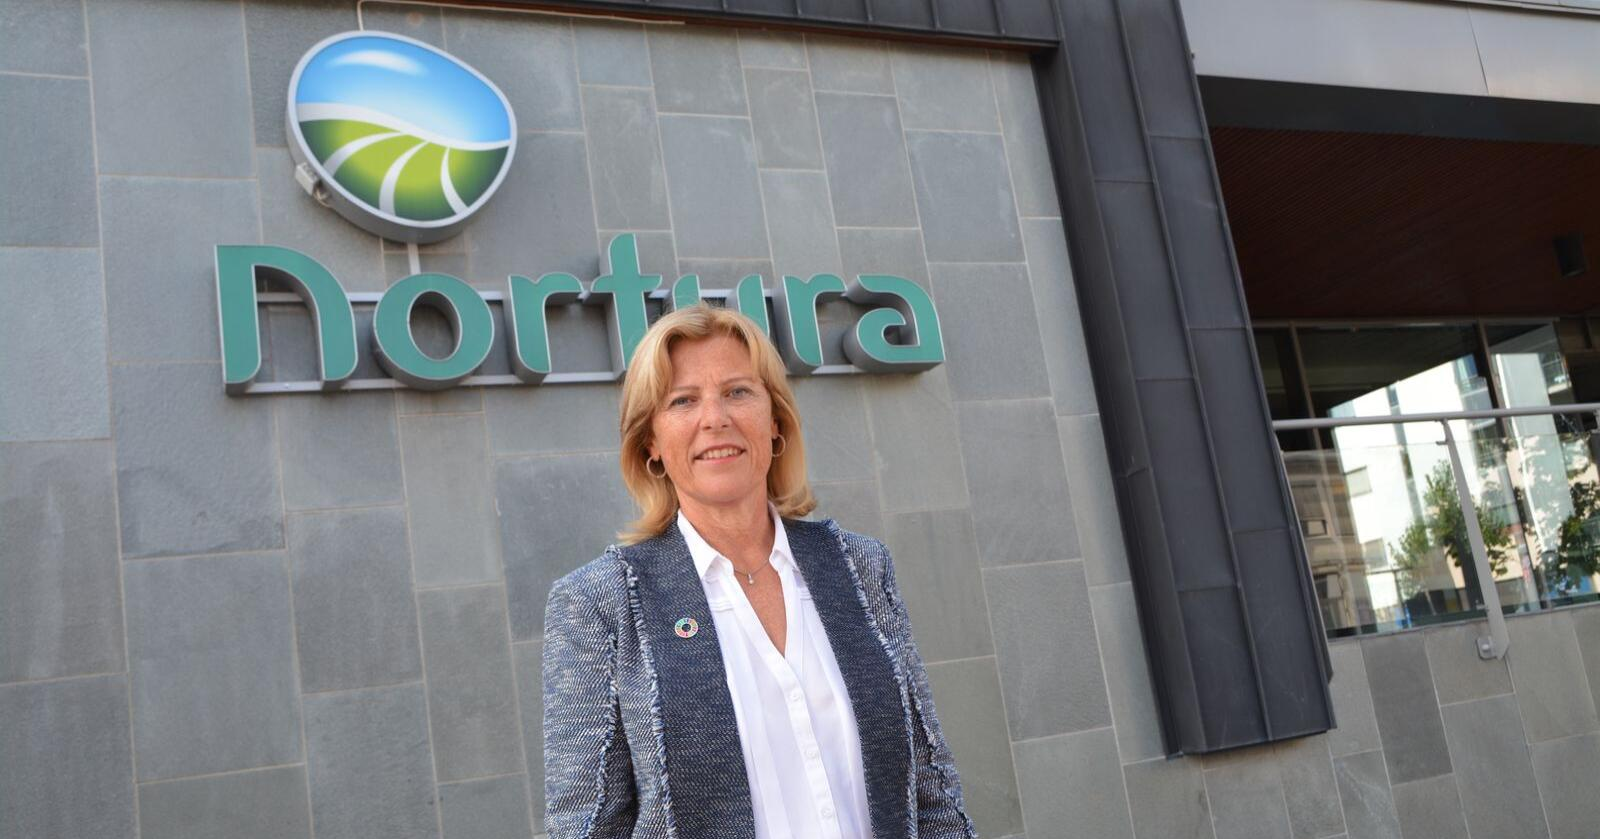 Ser framover: Norturaledelsen, her ved konsernsjef Anne Marit Panengstuen, anser det nye datasystemet for å være selve grunnmuren for Norturas vei videre. Nå jobbes det for fullt med å hente ut positive effekter av systemet.